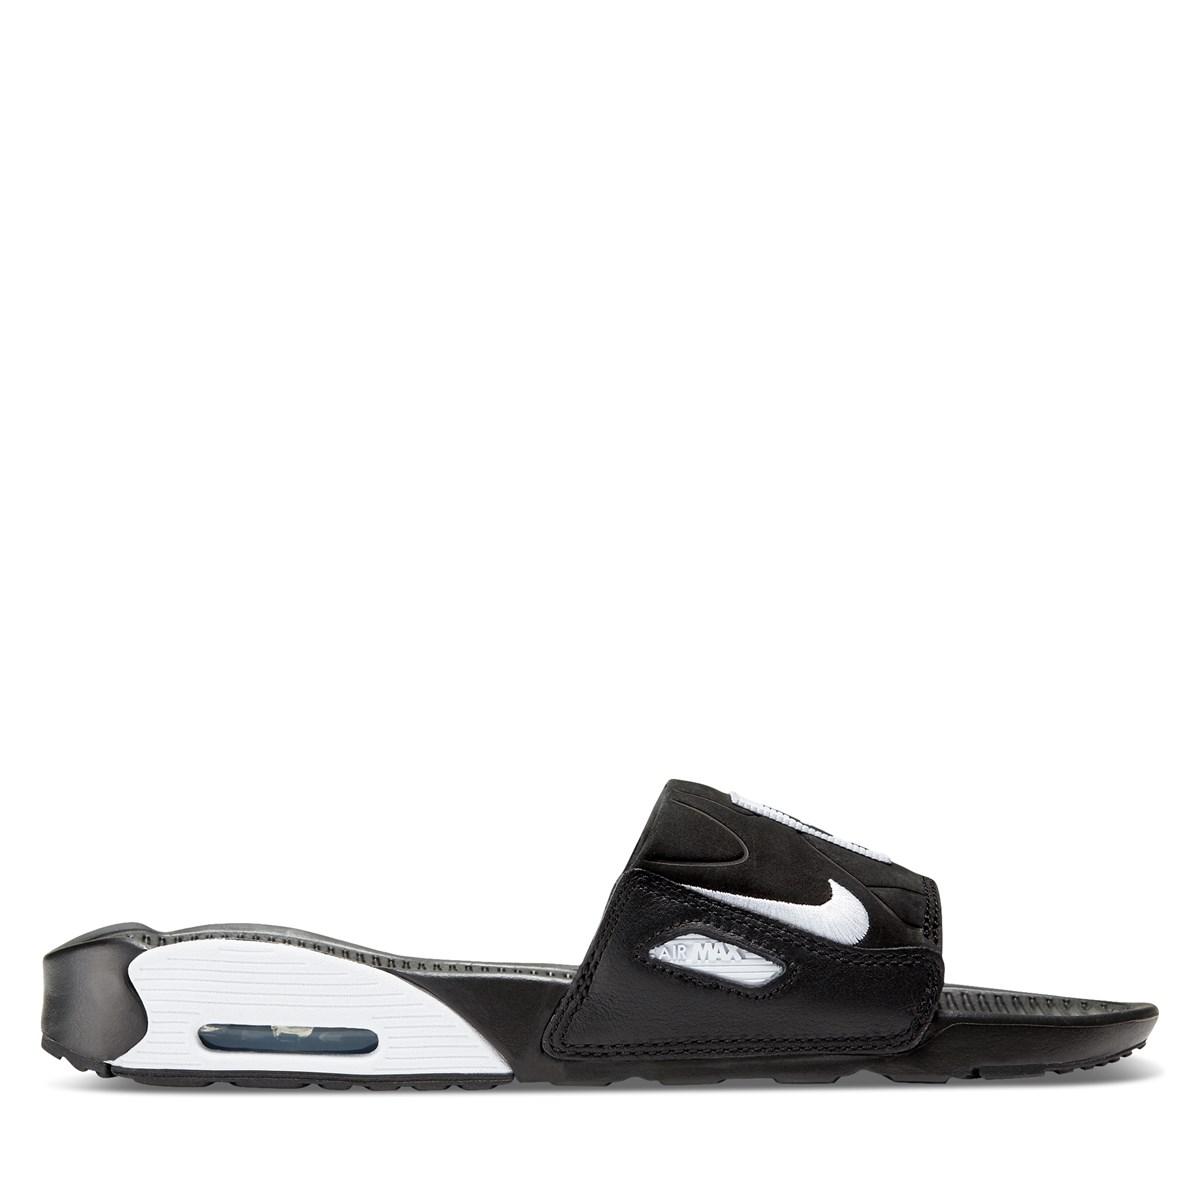 Sandales Air Max 90 noires pour hommes